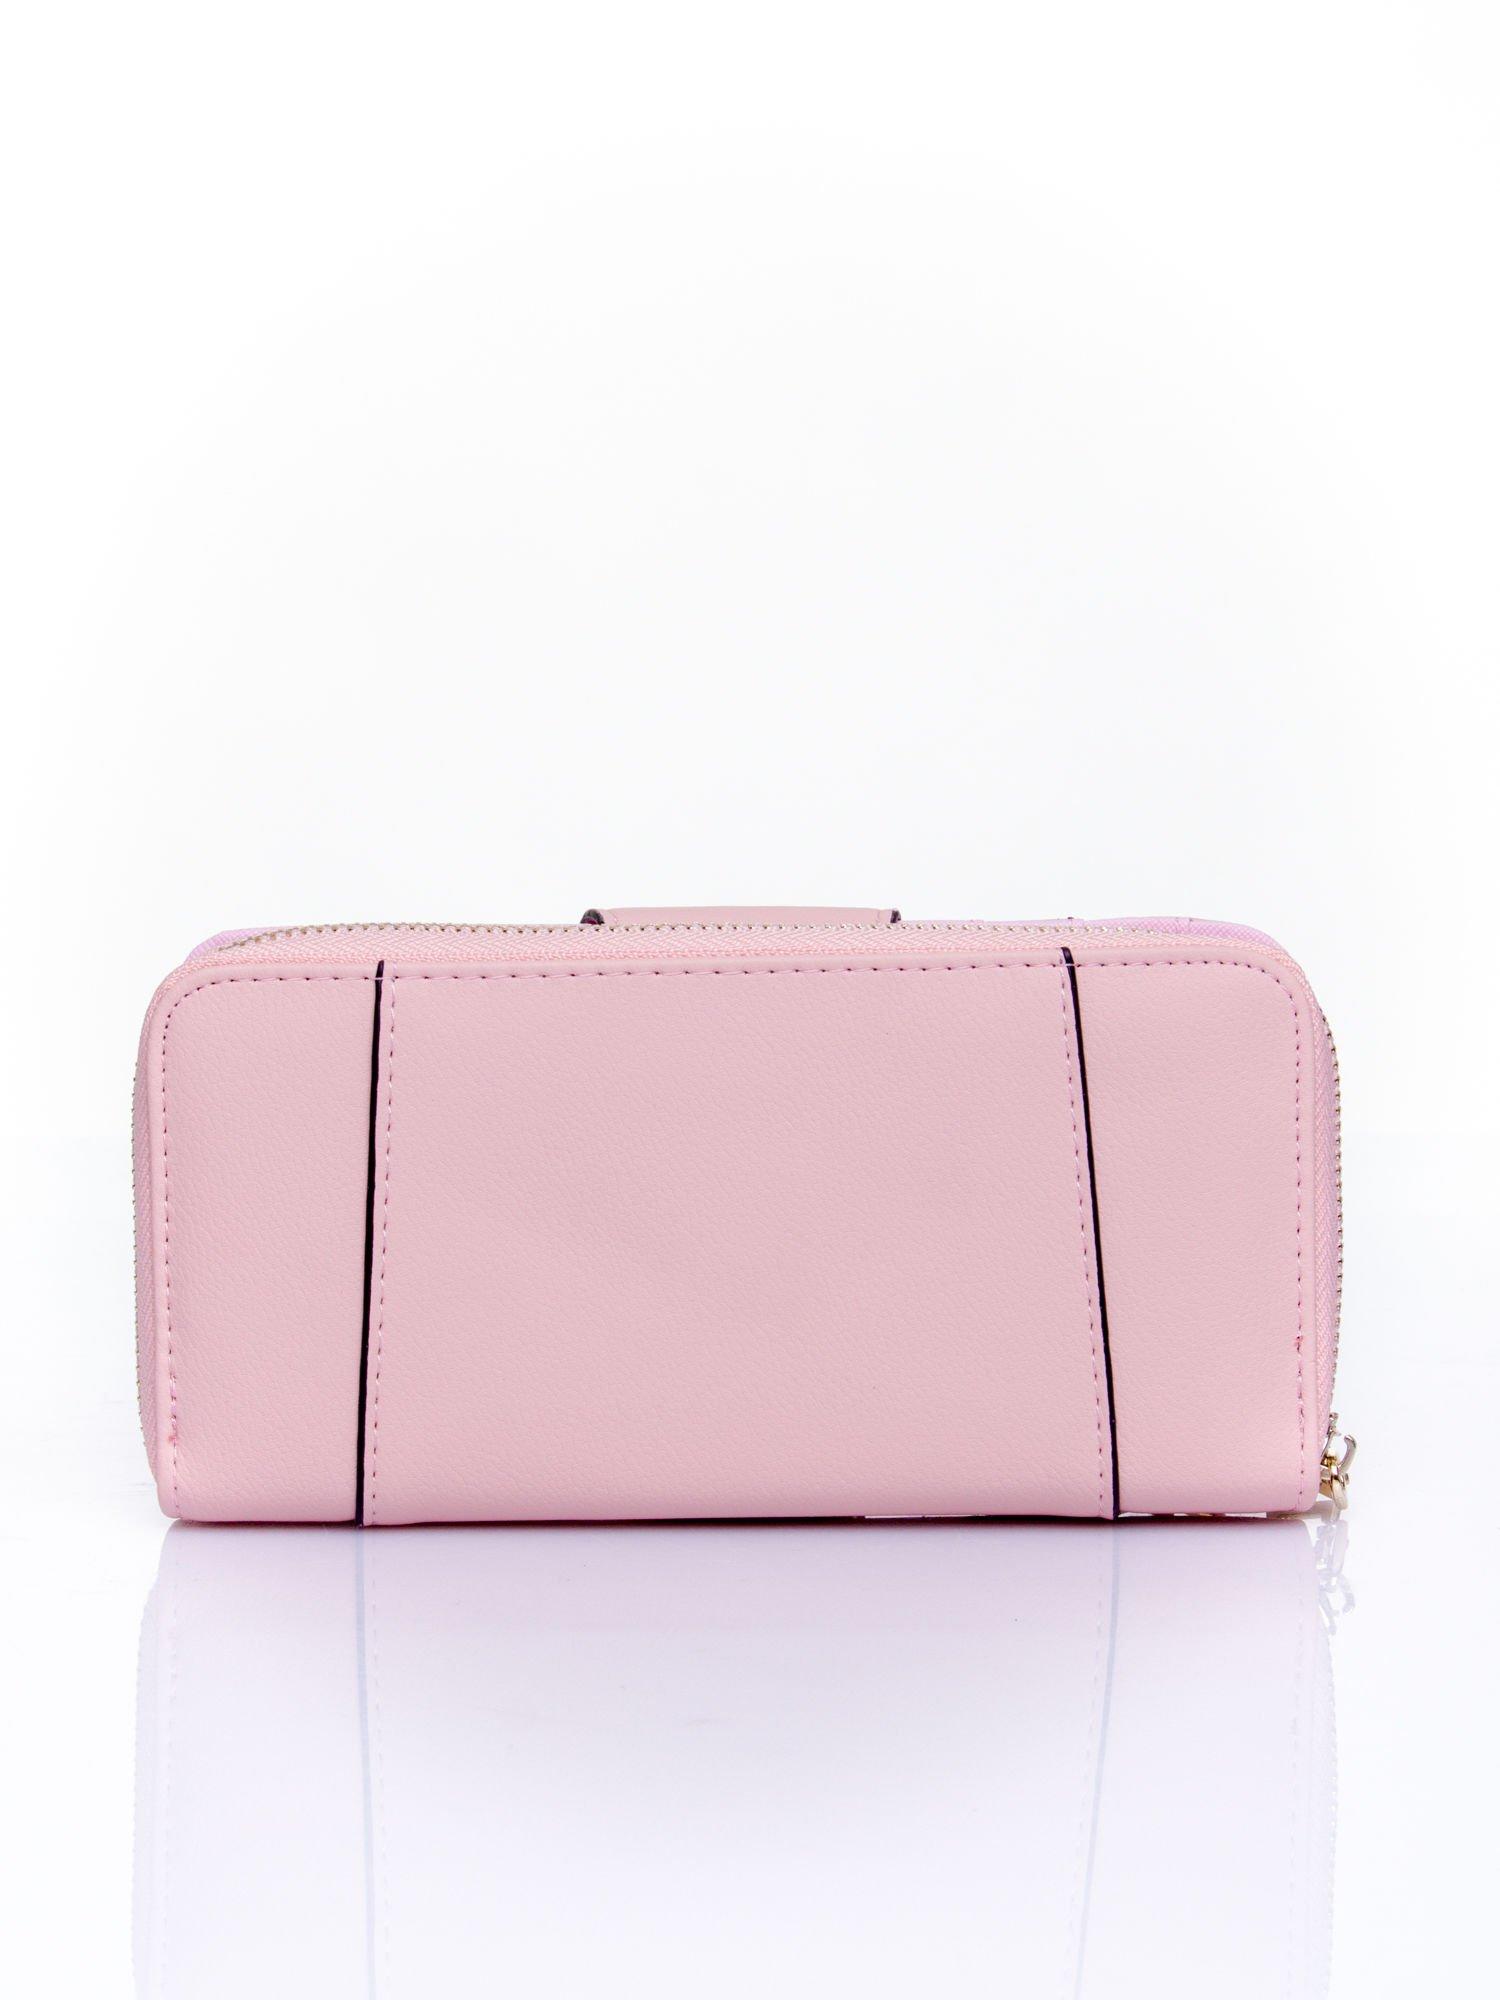 Różowy portfel ze złoconą klamrą                                  zdj.                                  2